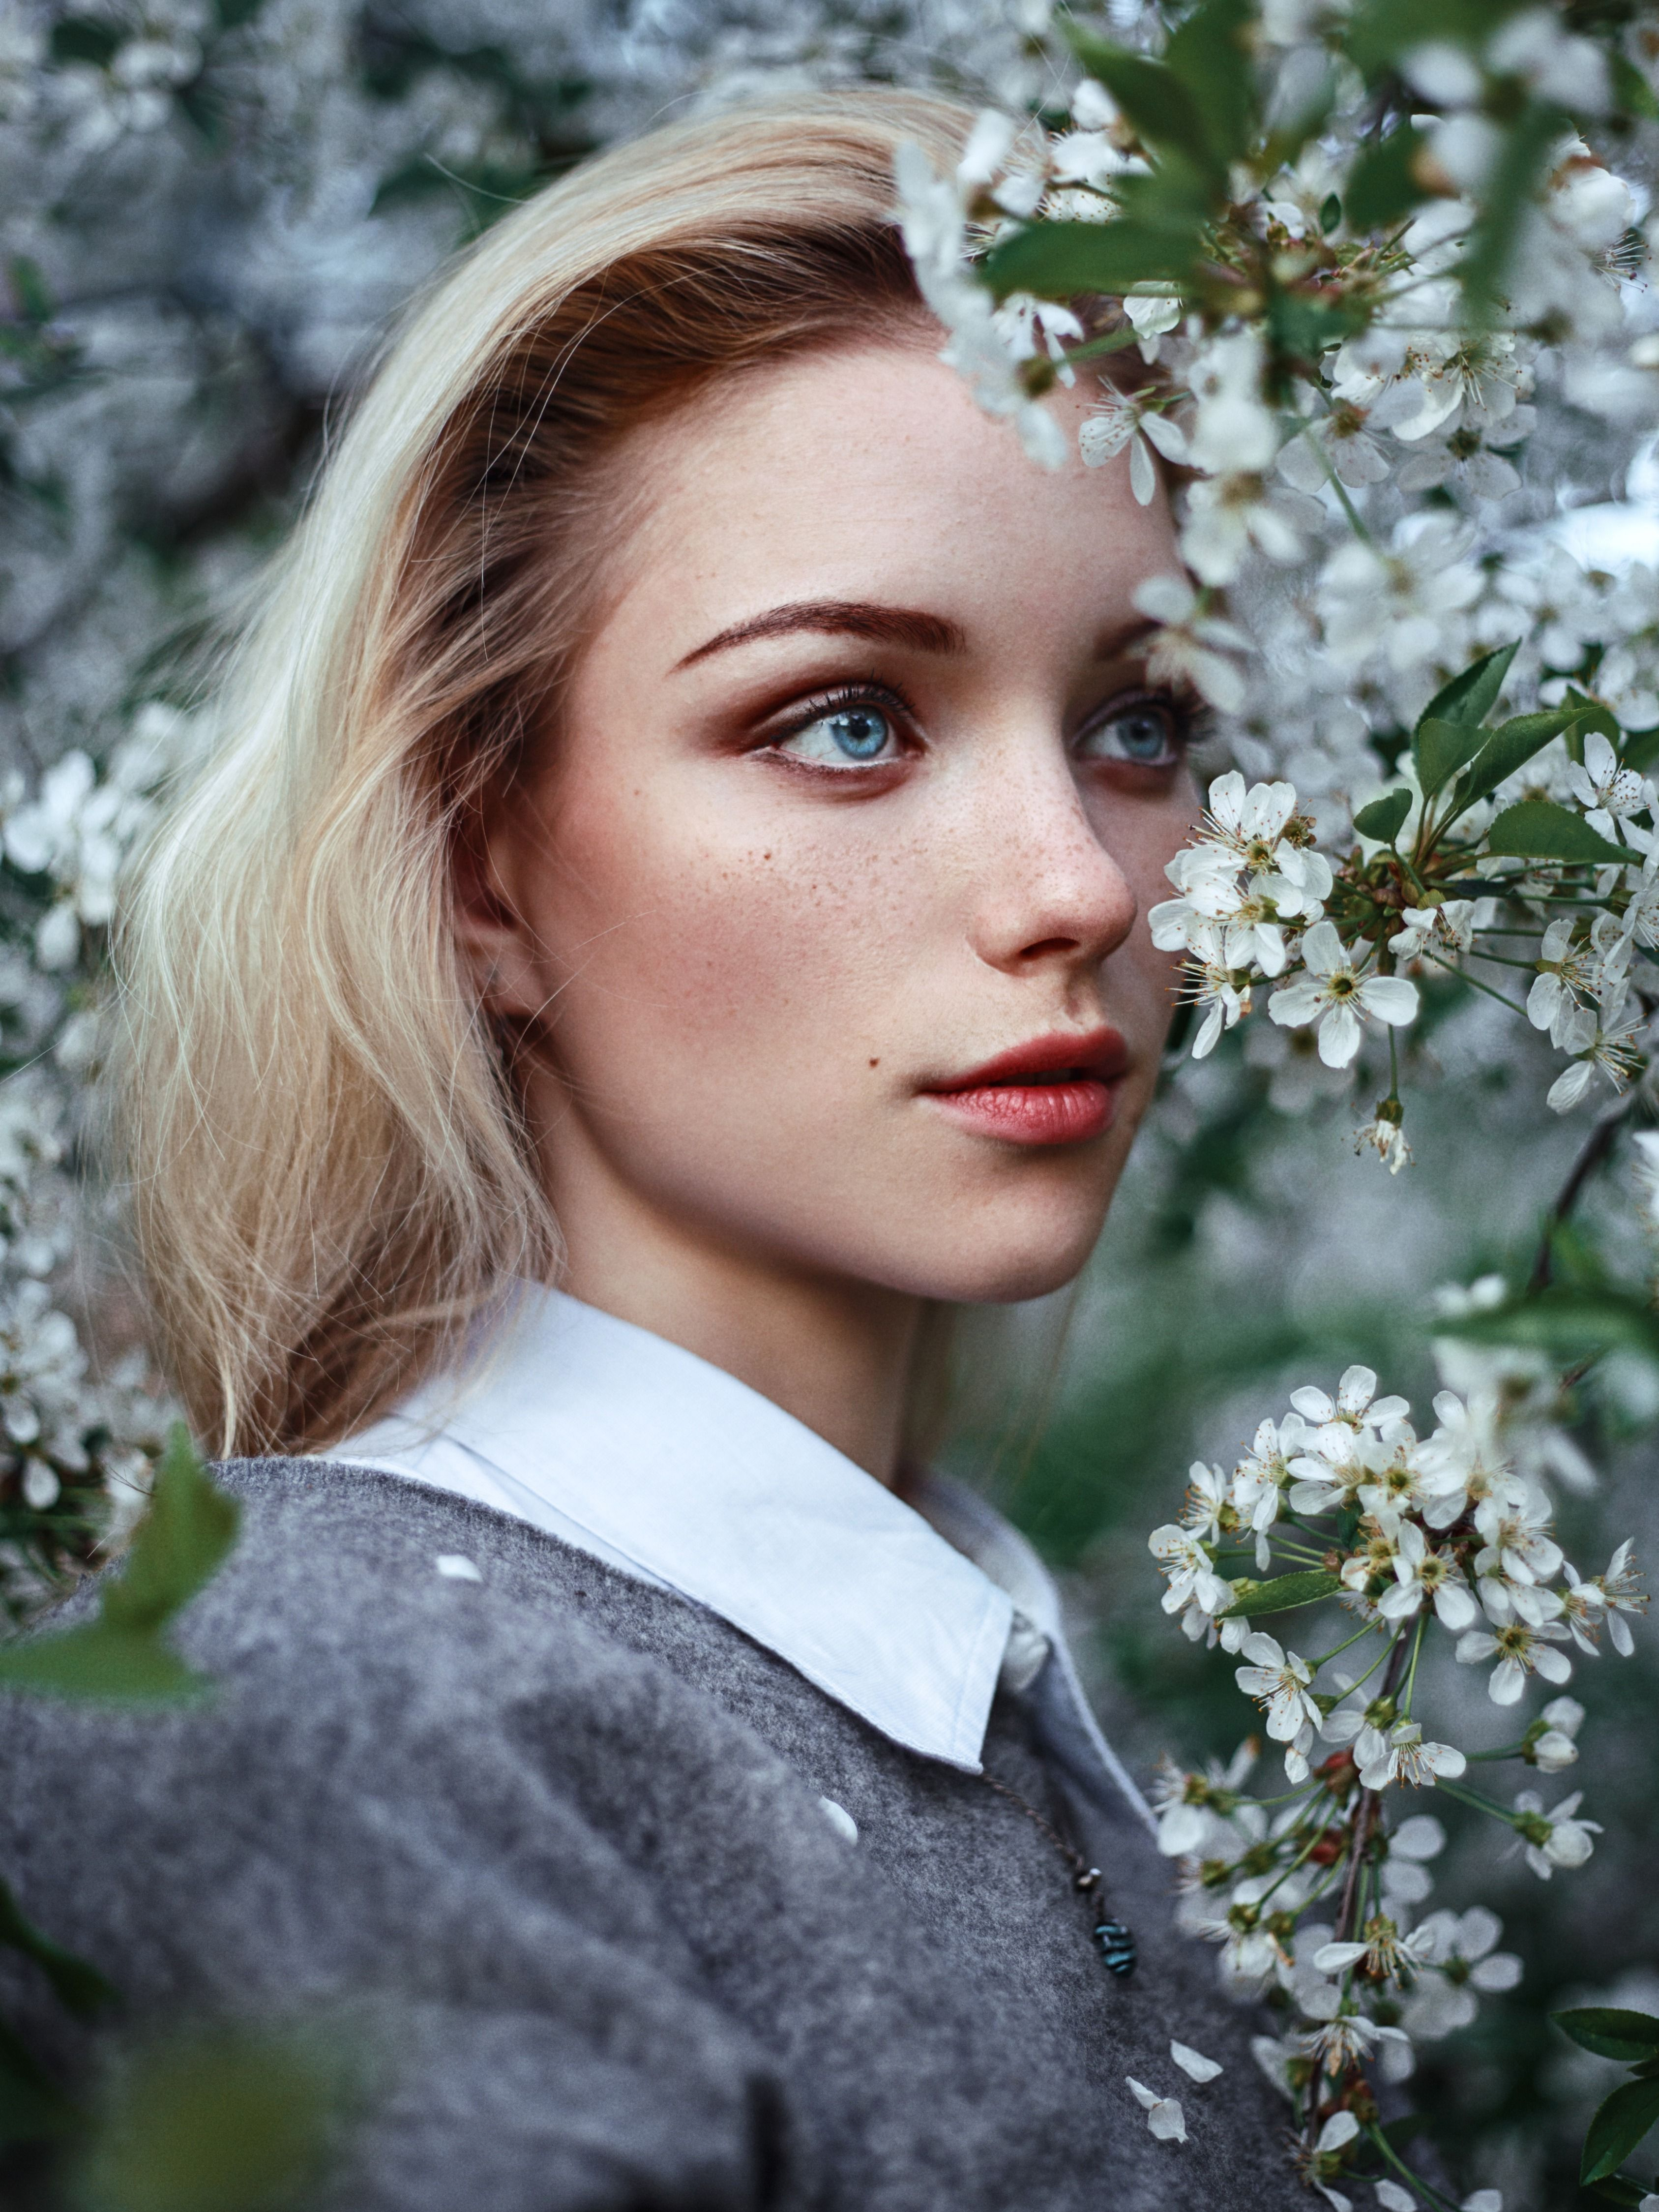 стильные женские портреты фотографы краснодар культурной программы, воспитанники